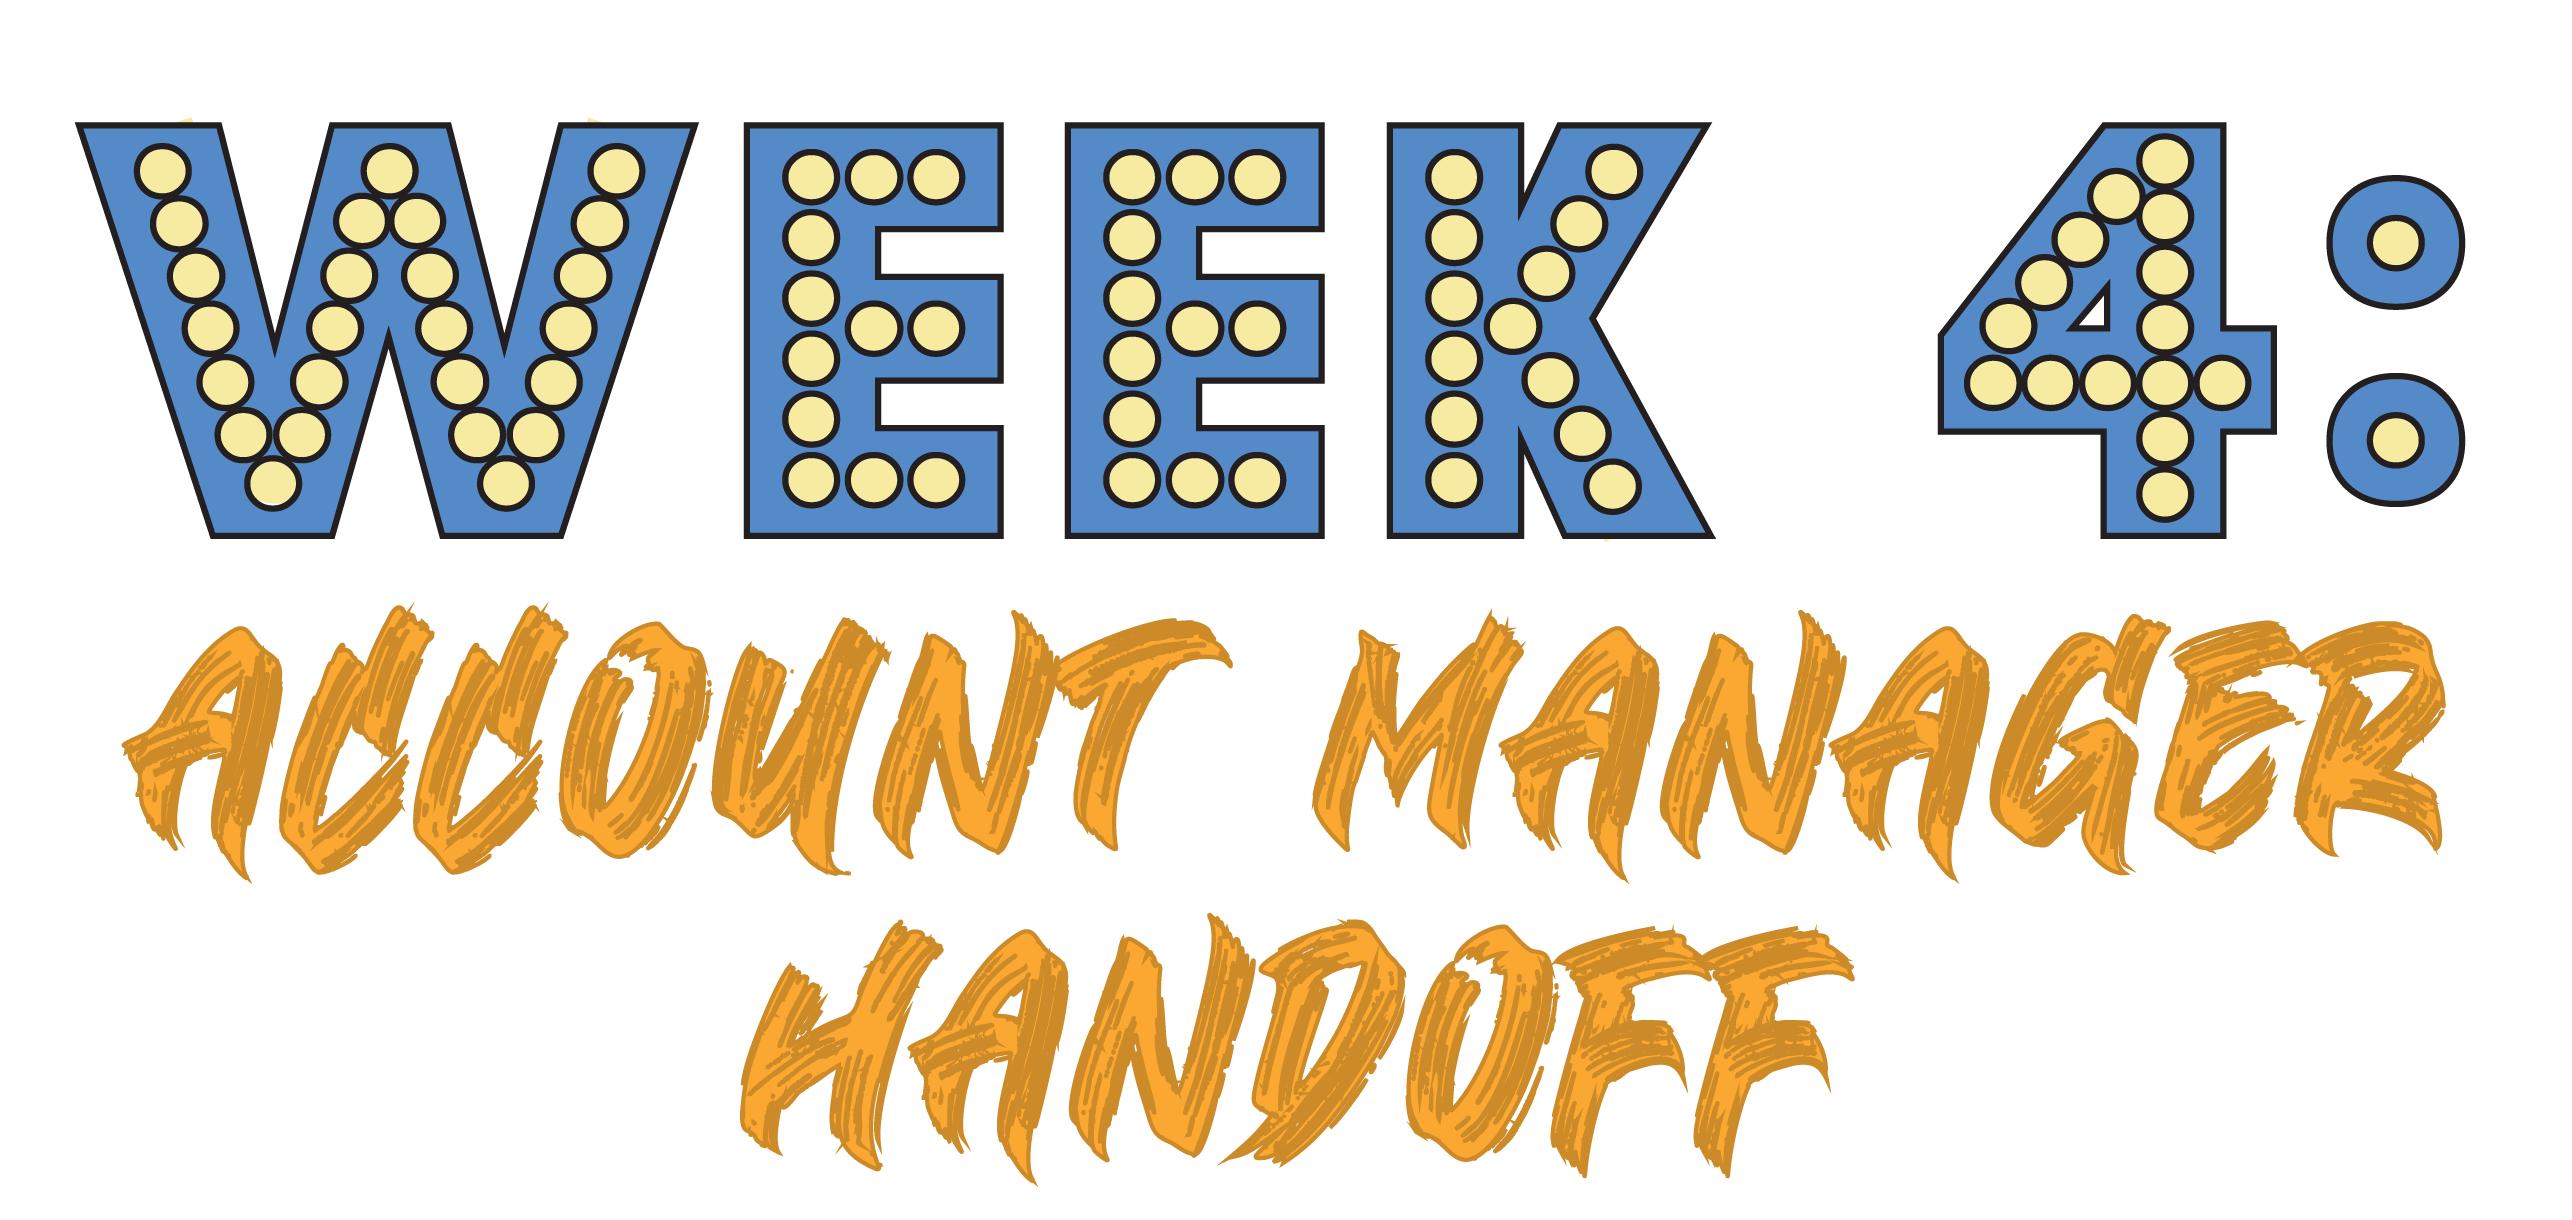 week4header-01